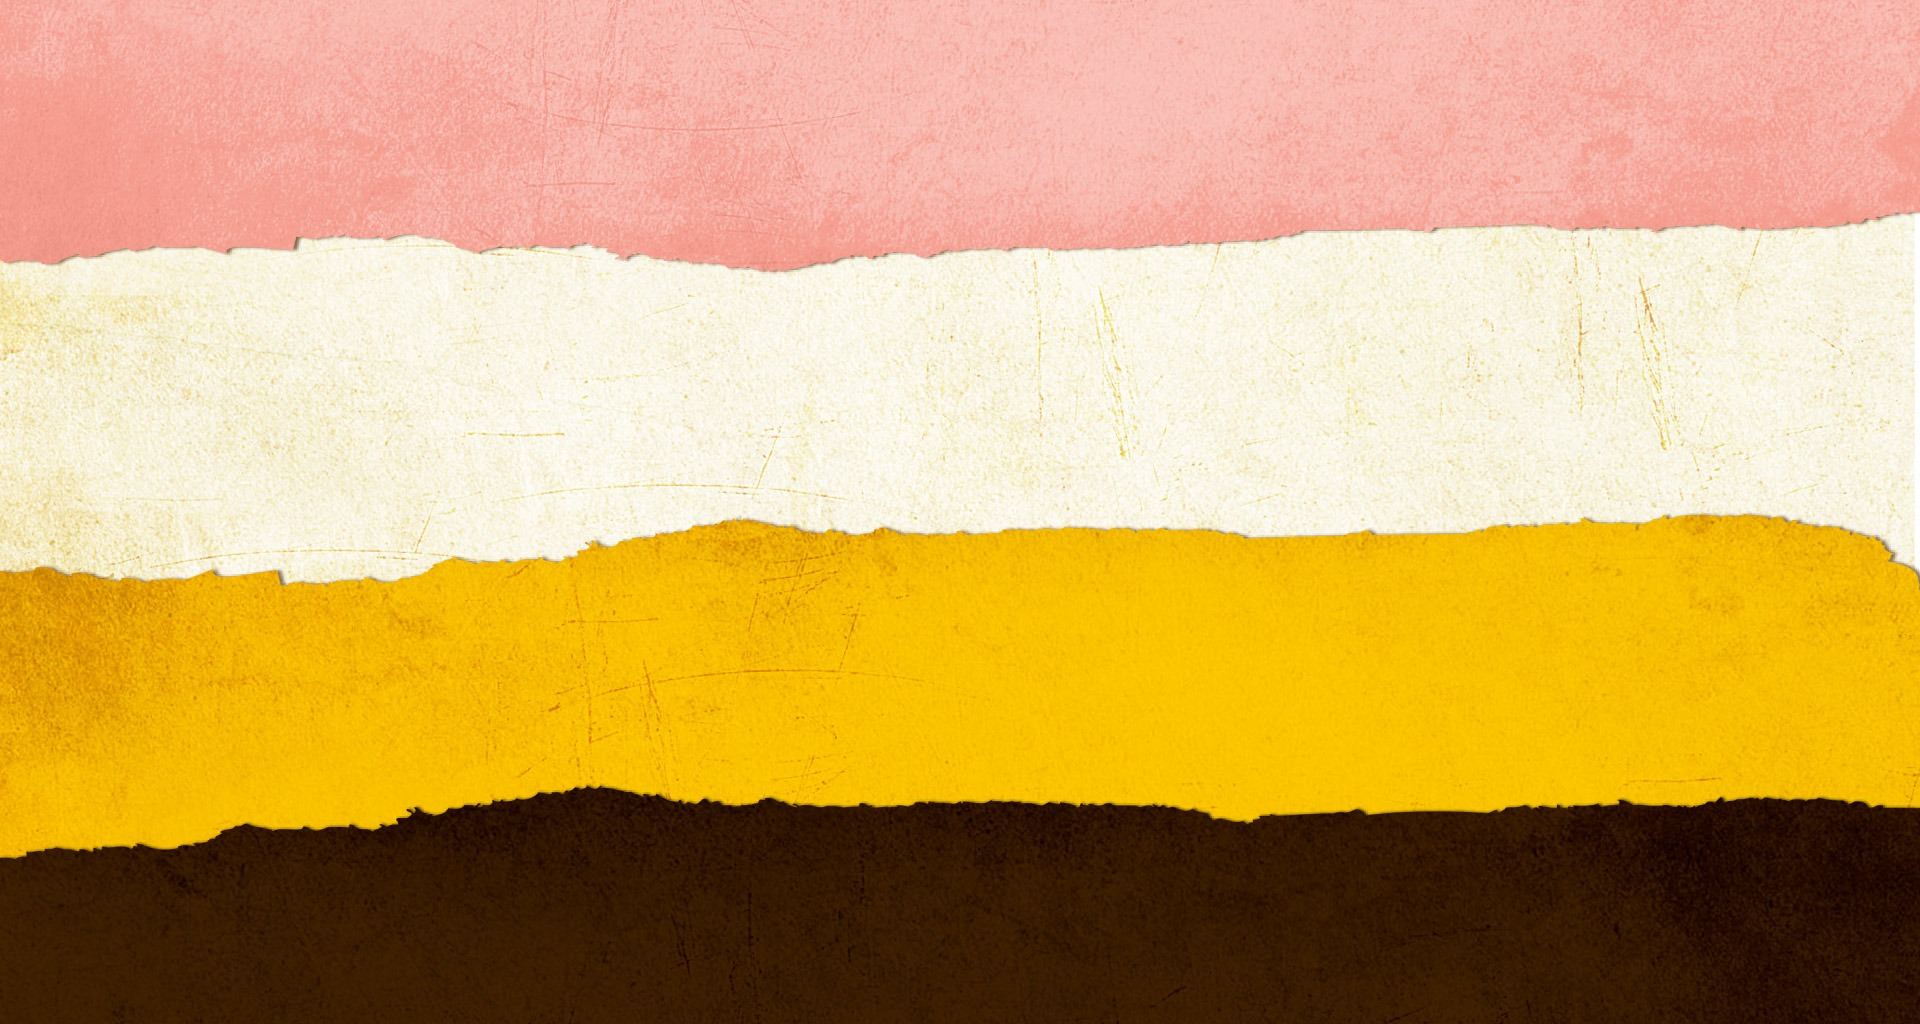 h0rse-portfolio-Meine-kleine-Farm-texture